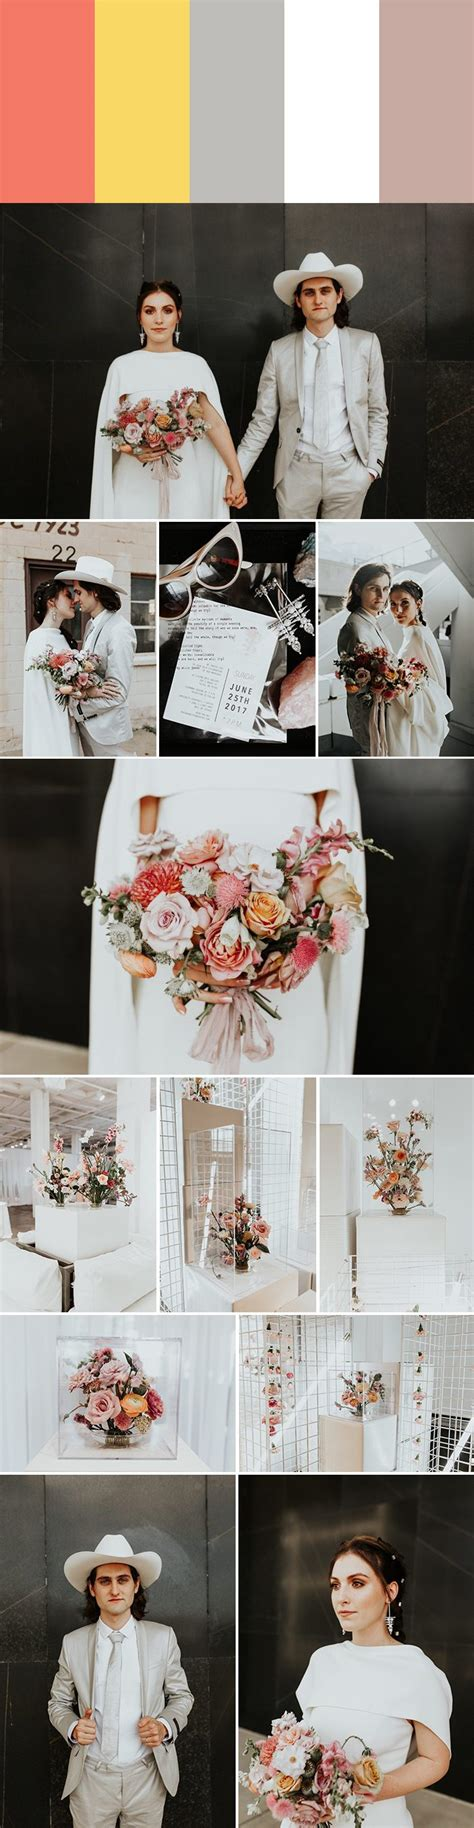 2018 Wedding Color Palette Inspiration Junebug Weddings